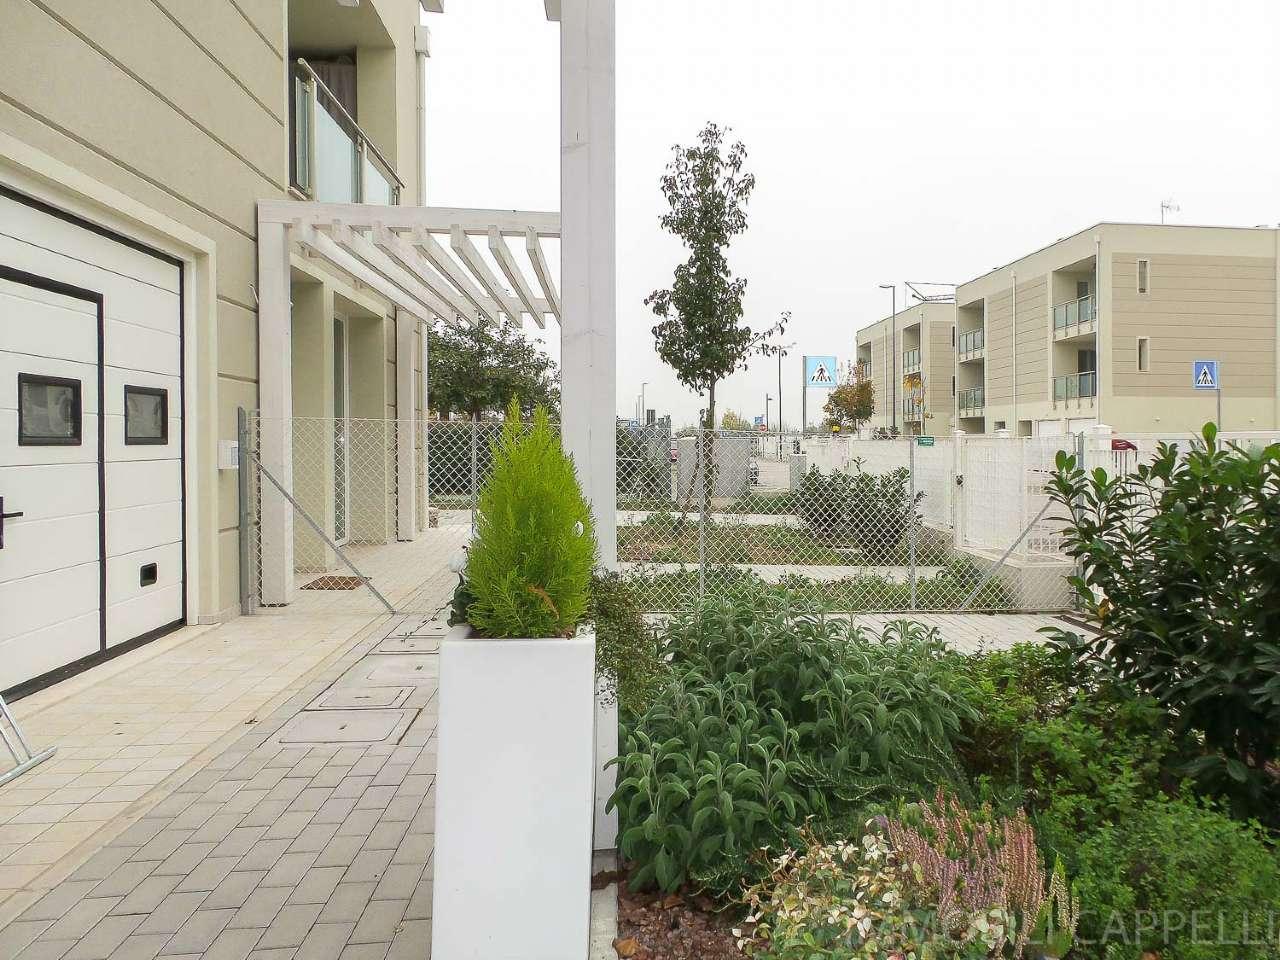 Forlimpopoli appartamento indipendente con giardino in vendita